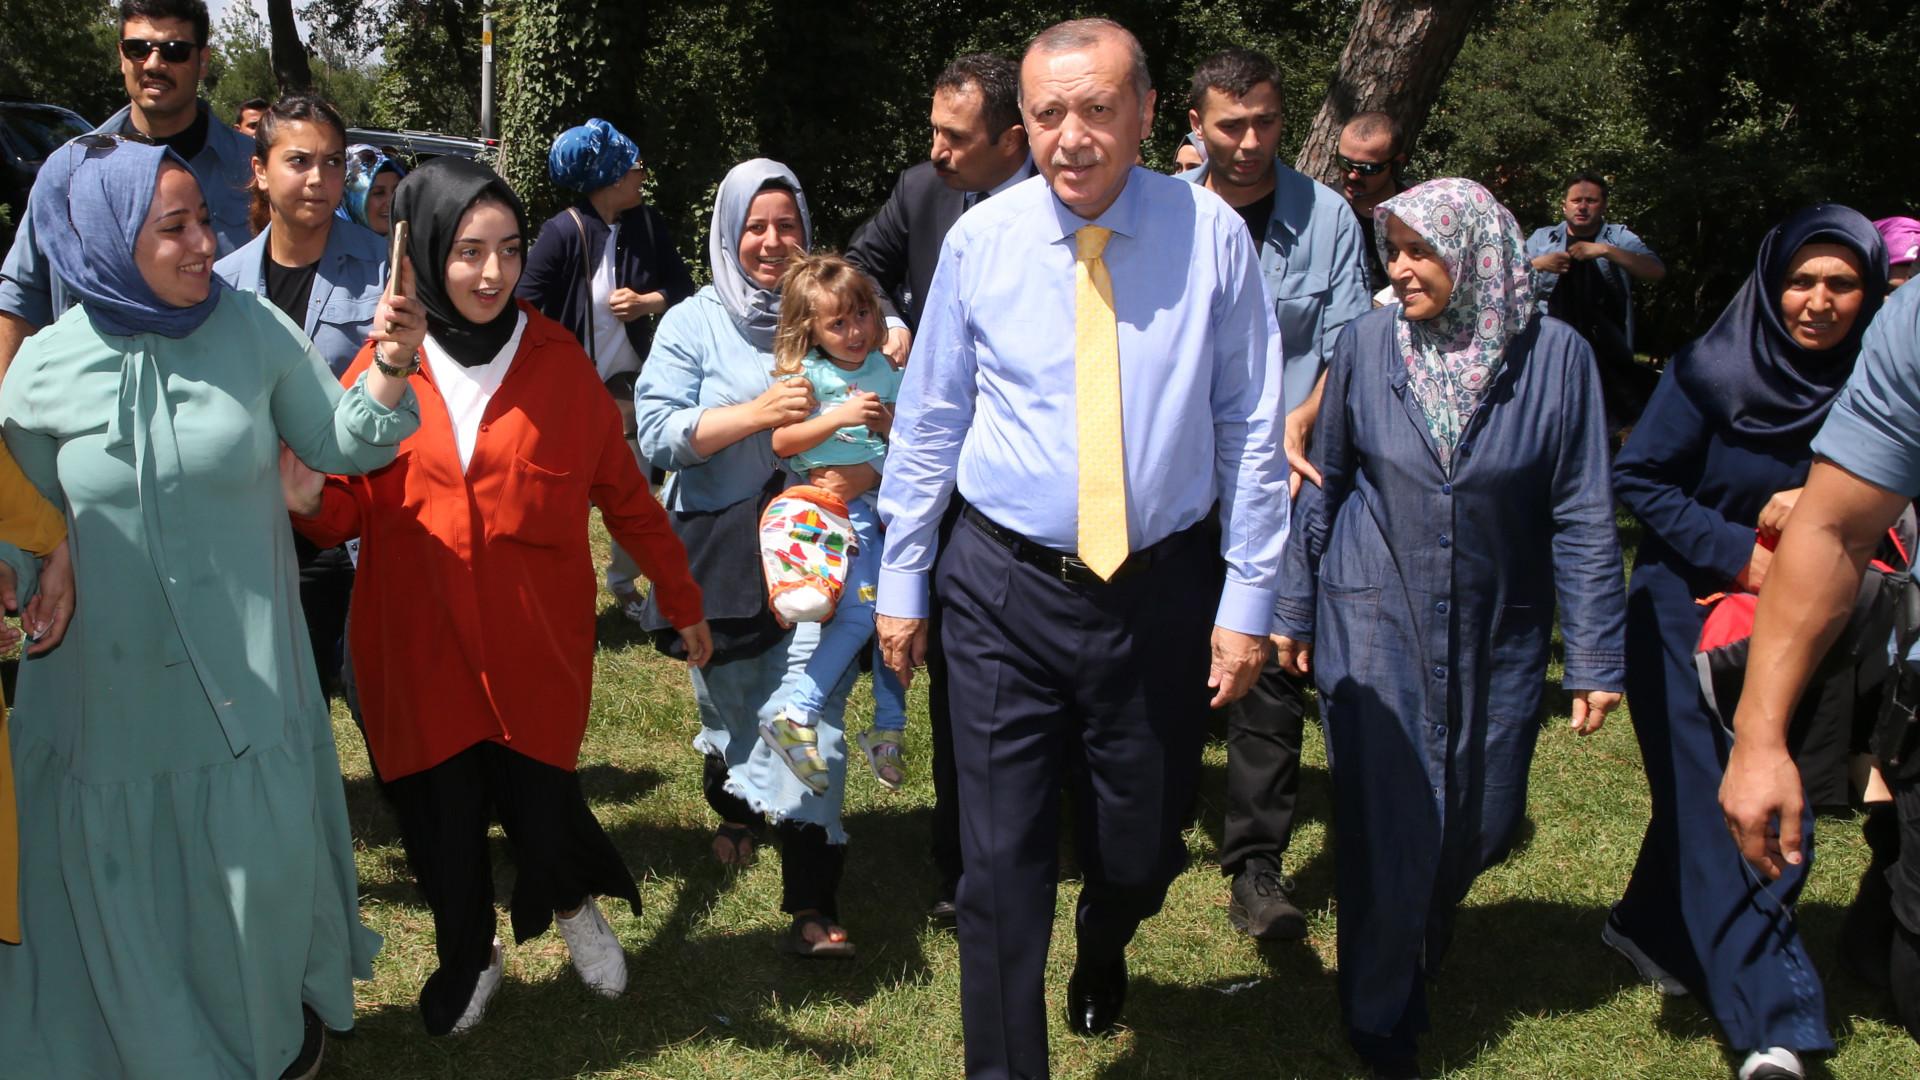 """Descida da lira resulta de uma """"conspiração política"""" contra a Turquia"""